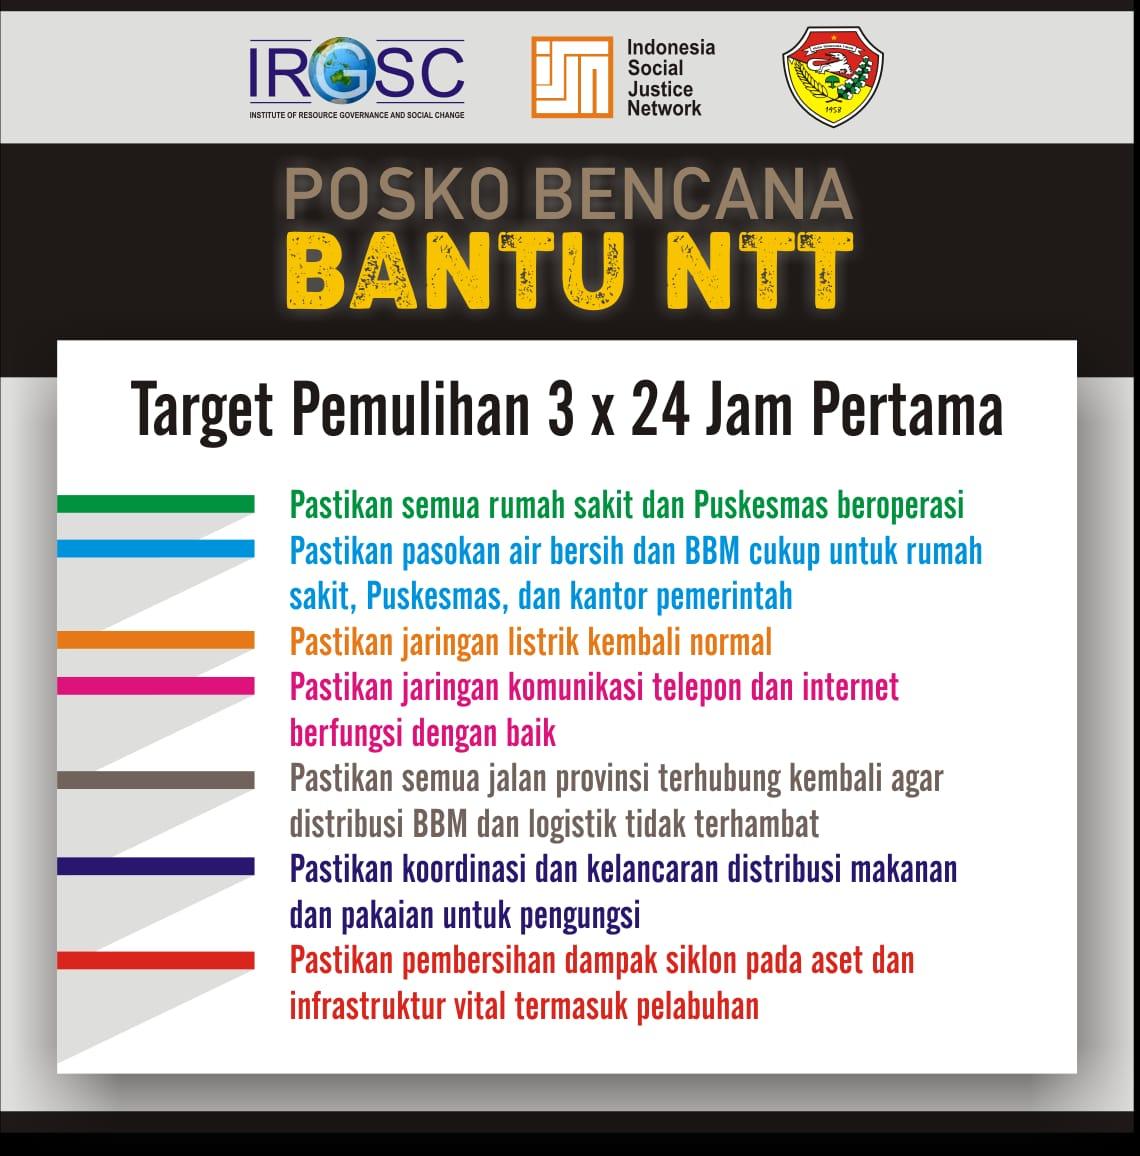 Target Pemulihan NTT dalam 3x24 jam.